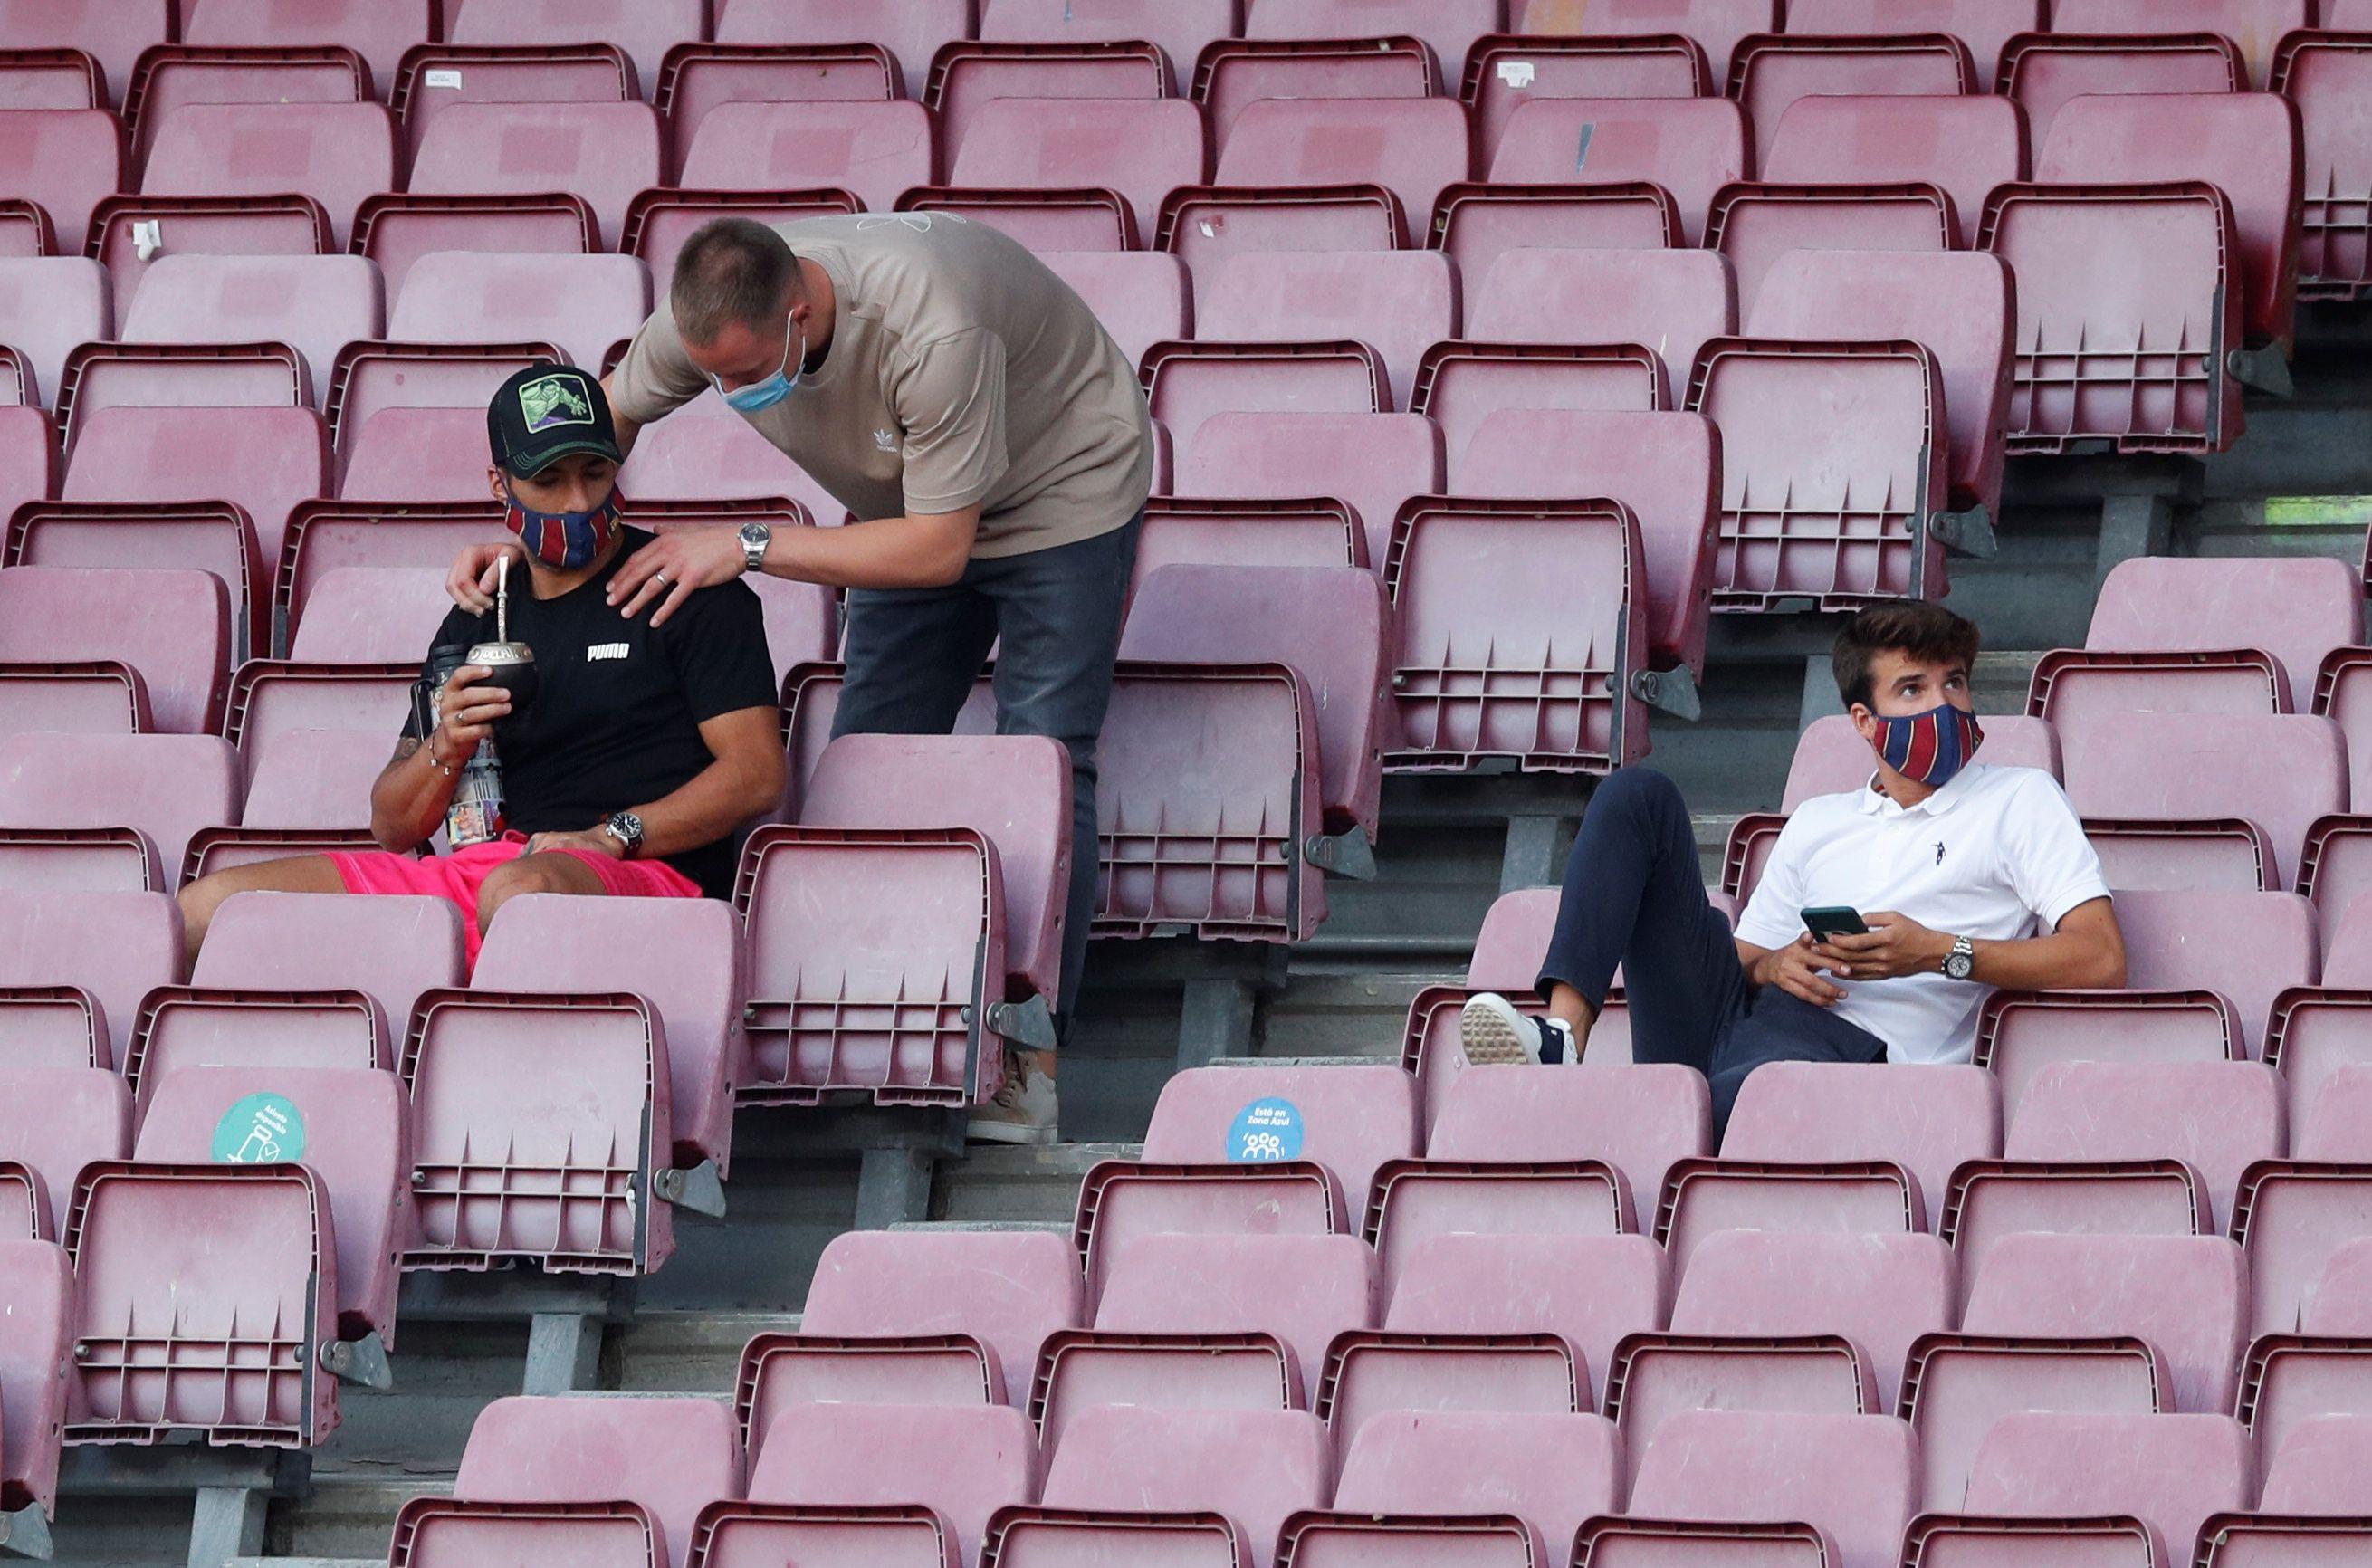 Riqui Puig, Luis Suárez y Marc-André ter Stegen (lesionado) vieron el triunfo ante Elche desde la tribuna (Foto: Reuters)